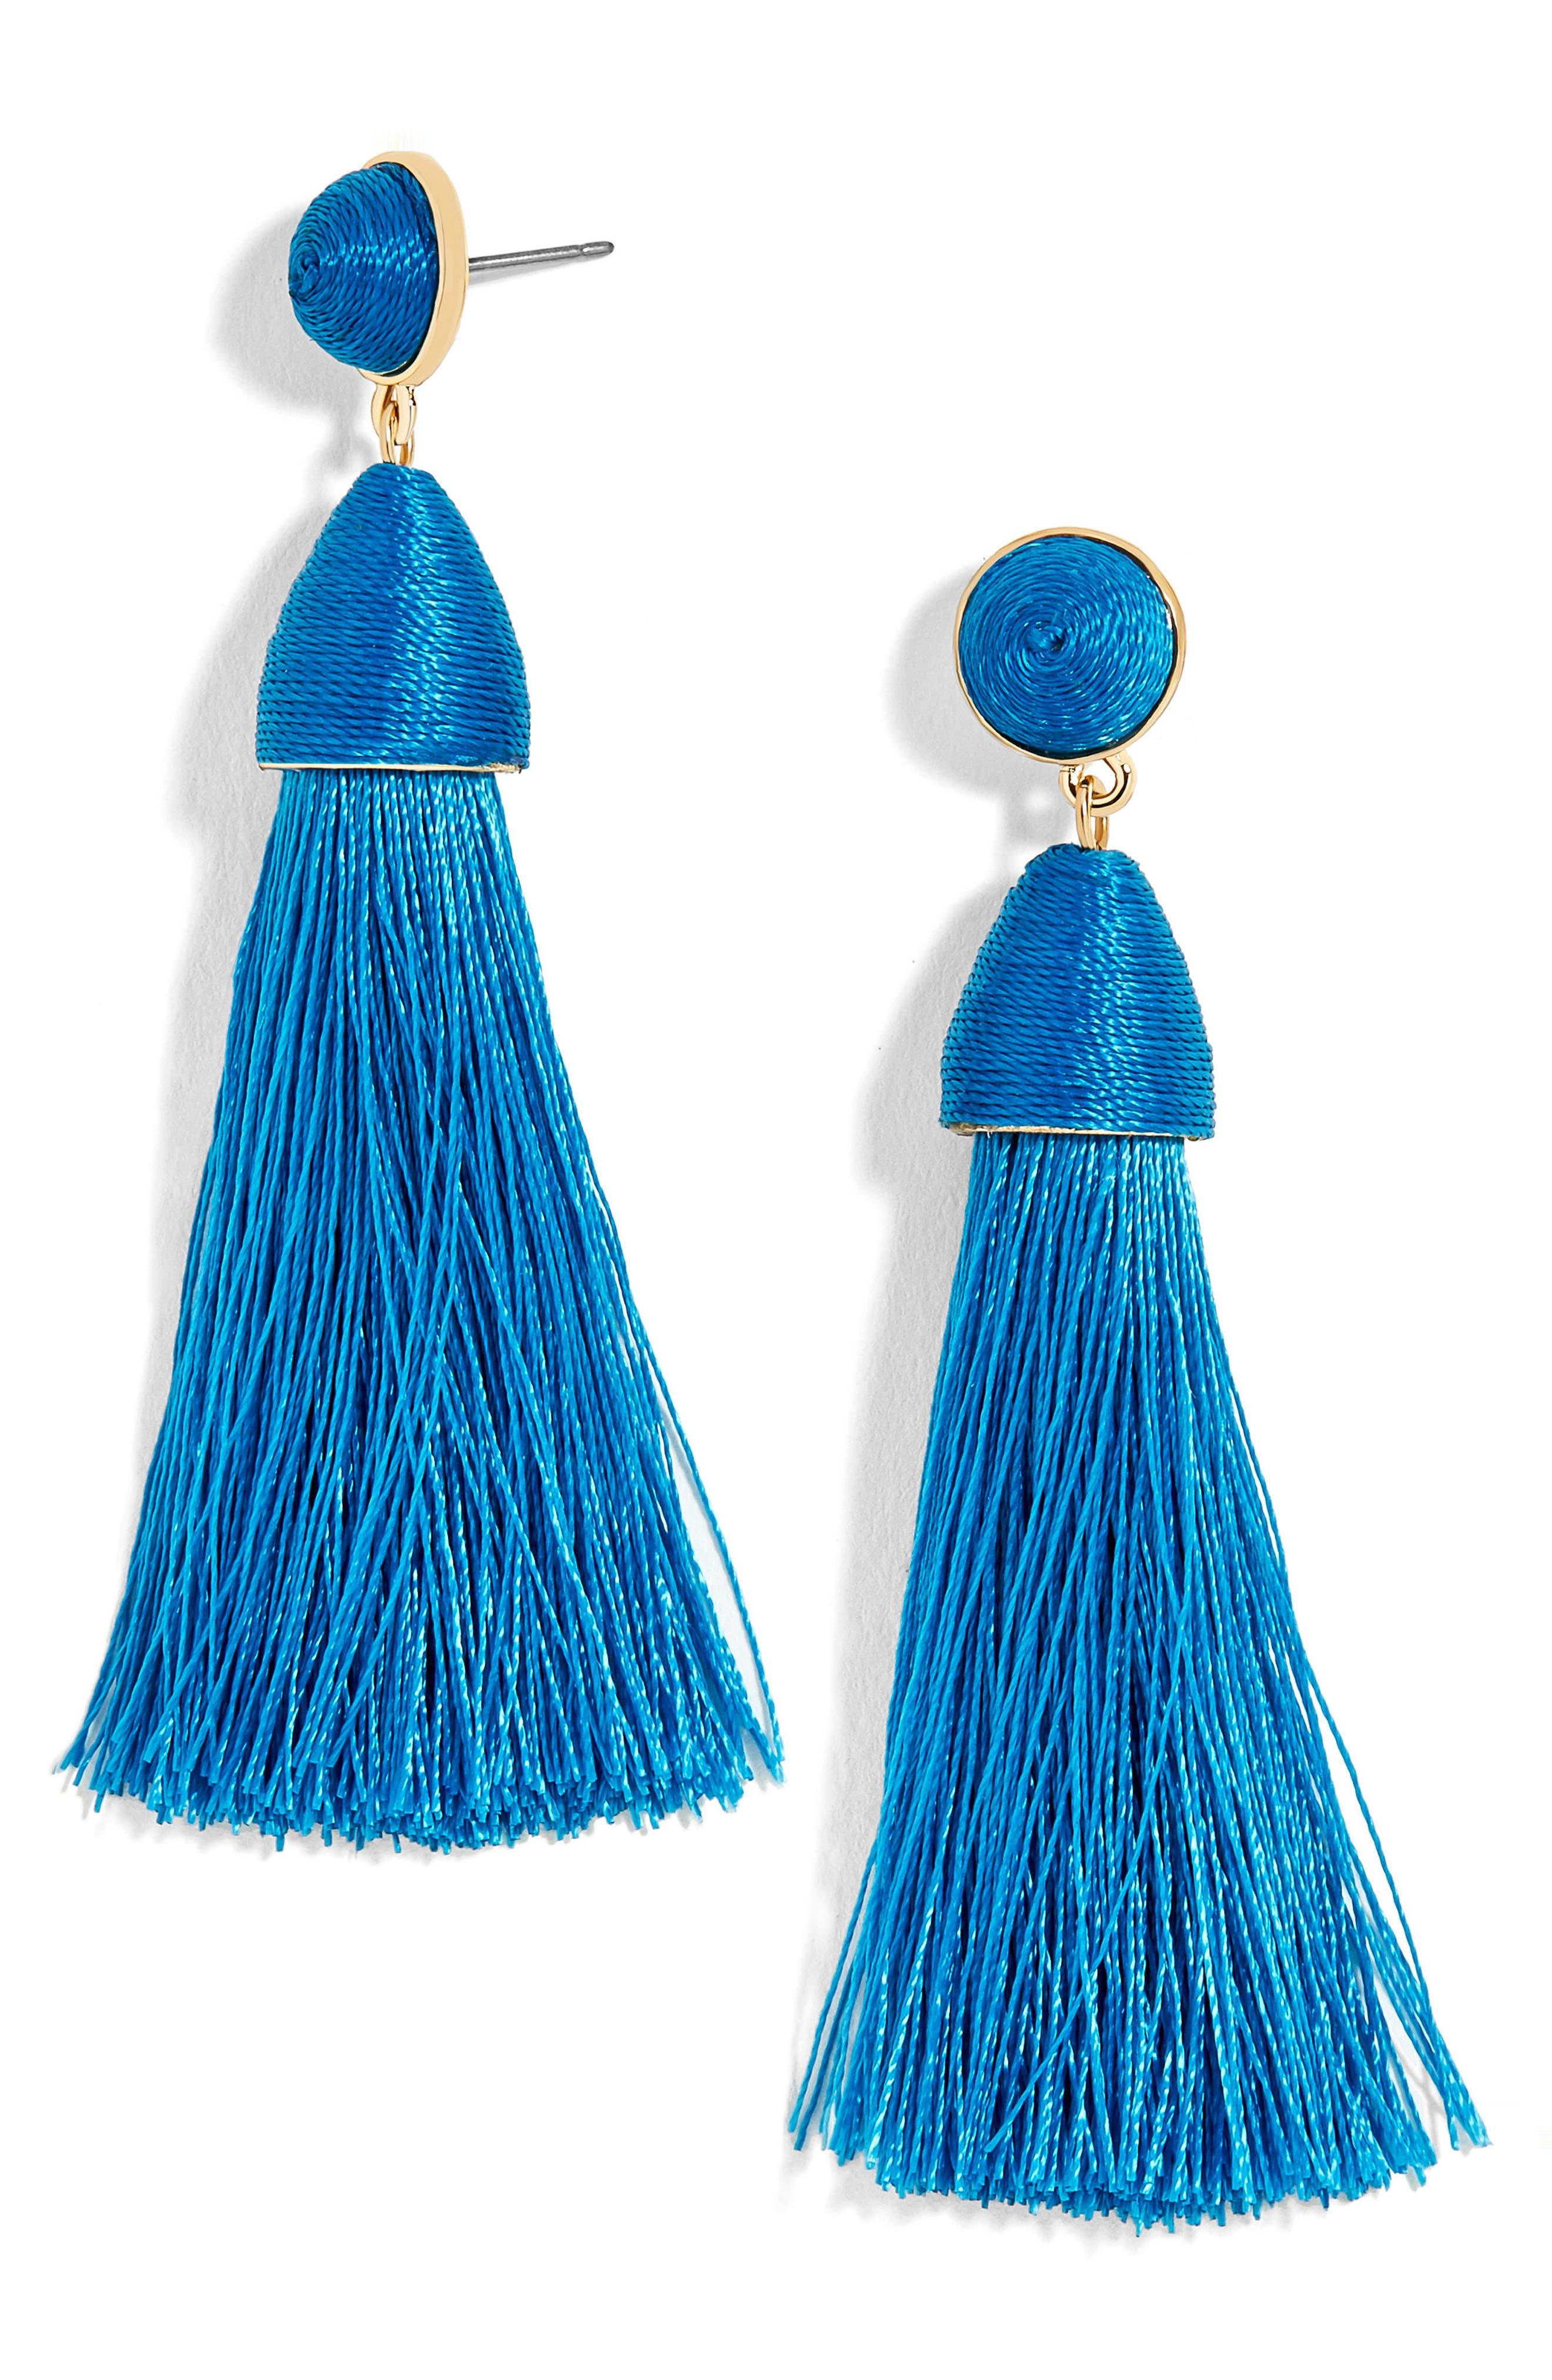 Rosabella Tassel Drop Earrings,                             Main thumbnail 1, color,                             Bright Blue